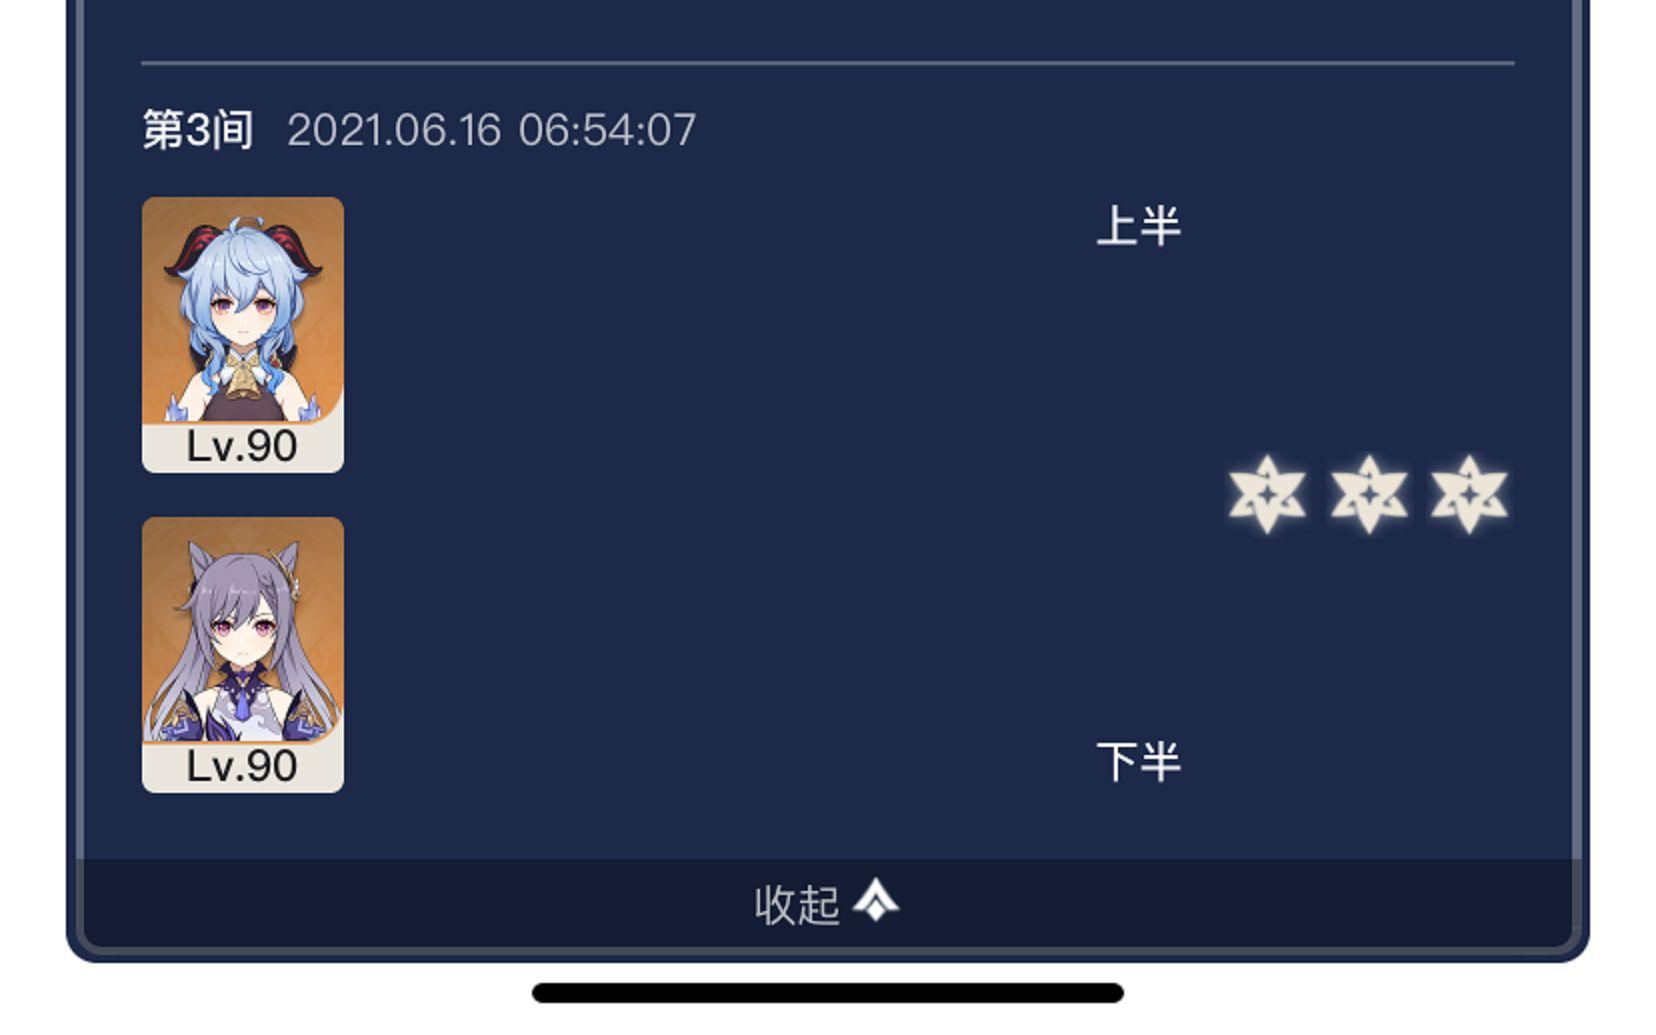 【原神】甘雨刻晴单人满星1.6新螺旋12层全间,下次还填非常简单!